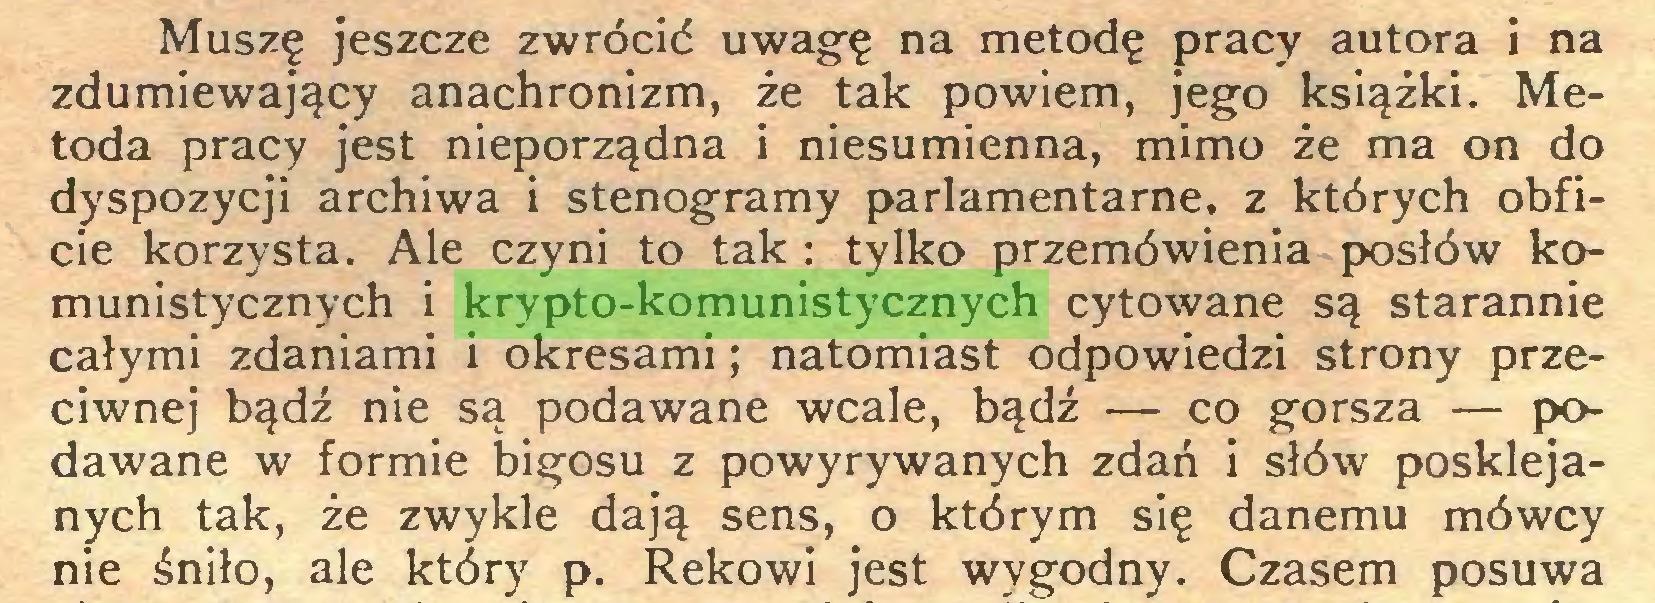 (...) Muszę jeszcze zwrócić uwagę na metodę pracy autora i na zdumiewający anachronizm, że tak powiem, jego książki. Metoda pracy jest nieporządna i niesumienna, mimo że ma on do dyspozycji archiwa i stenogramy parlamentarne, z których obficie korzysta. Ale czyni to tak : tylko przemówienia posłów komunistycznych i krypto-komunistycznych cytowane są starannie całymi zdaniami i okresami; natomiast odpowiedzi strony przeciwnej bądź nie są podawane wcale, bądź — co gorsza — podawane w formie bigosu z powyrywanych zdań i słów posklejanych tak, że zwykle dają sens, o którym się danemu mówcy nie śniło, ale który p. Rekowi jest wygodny. Czasem posuwa...